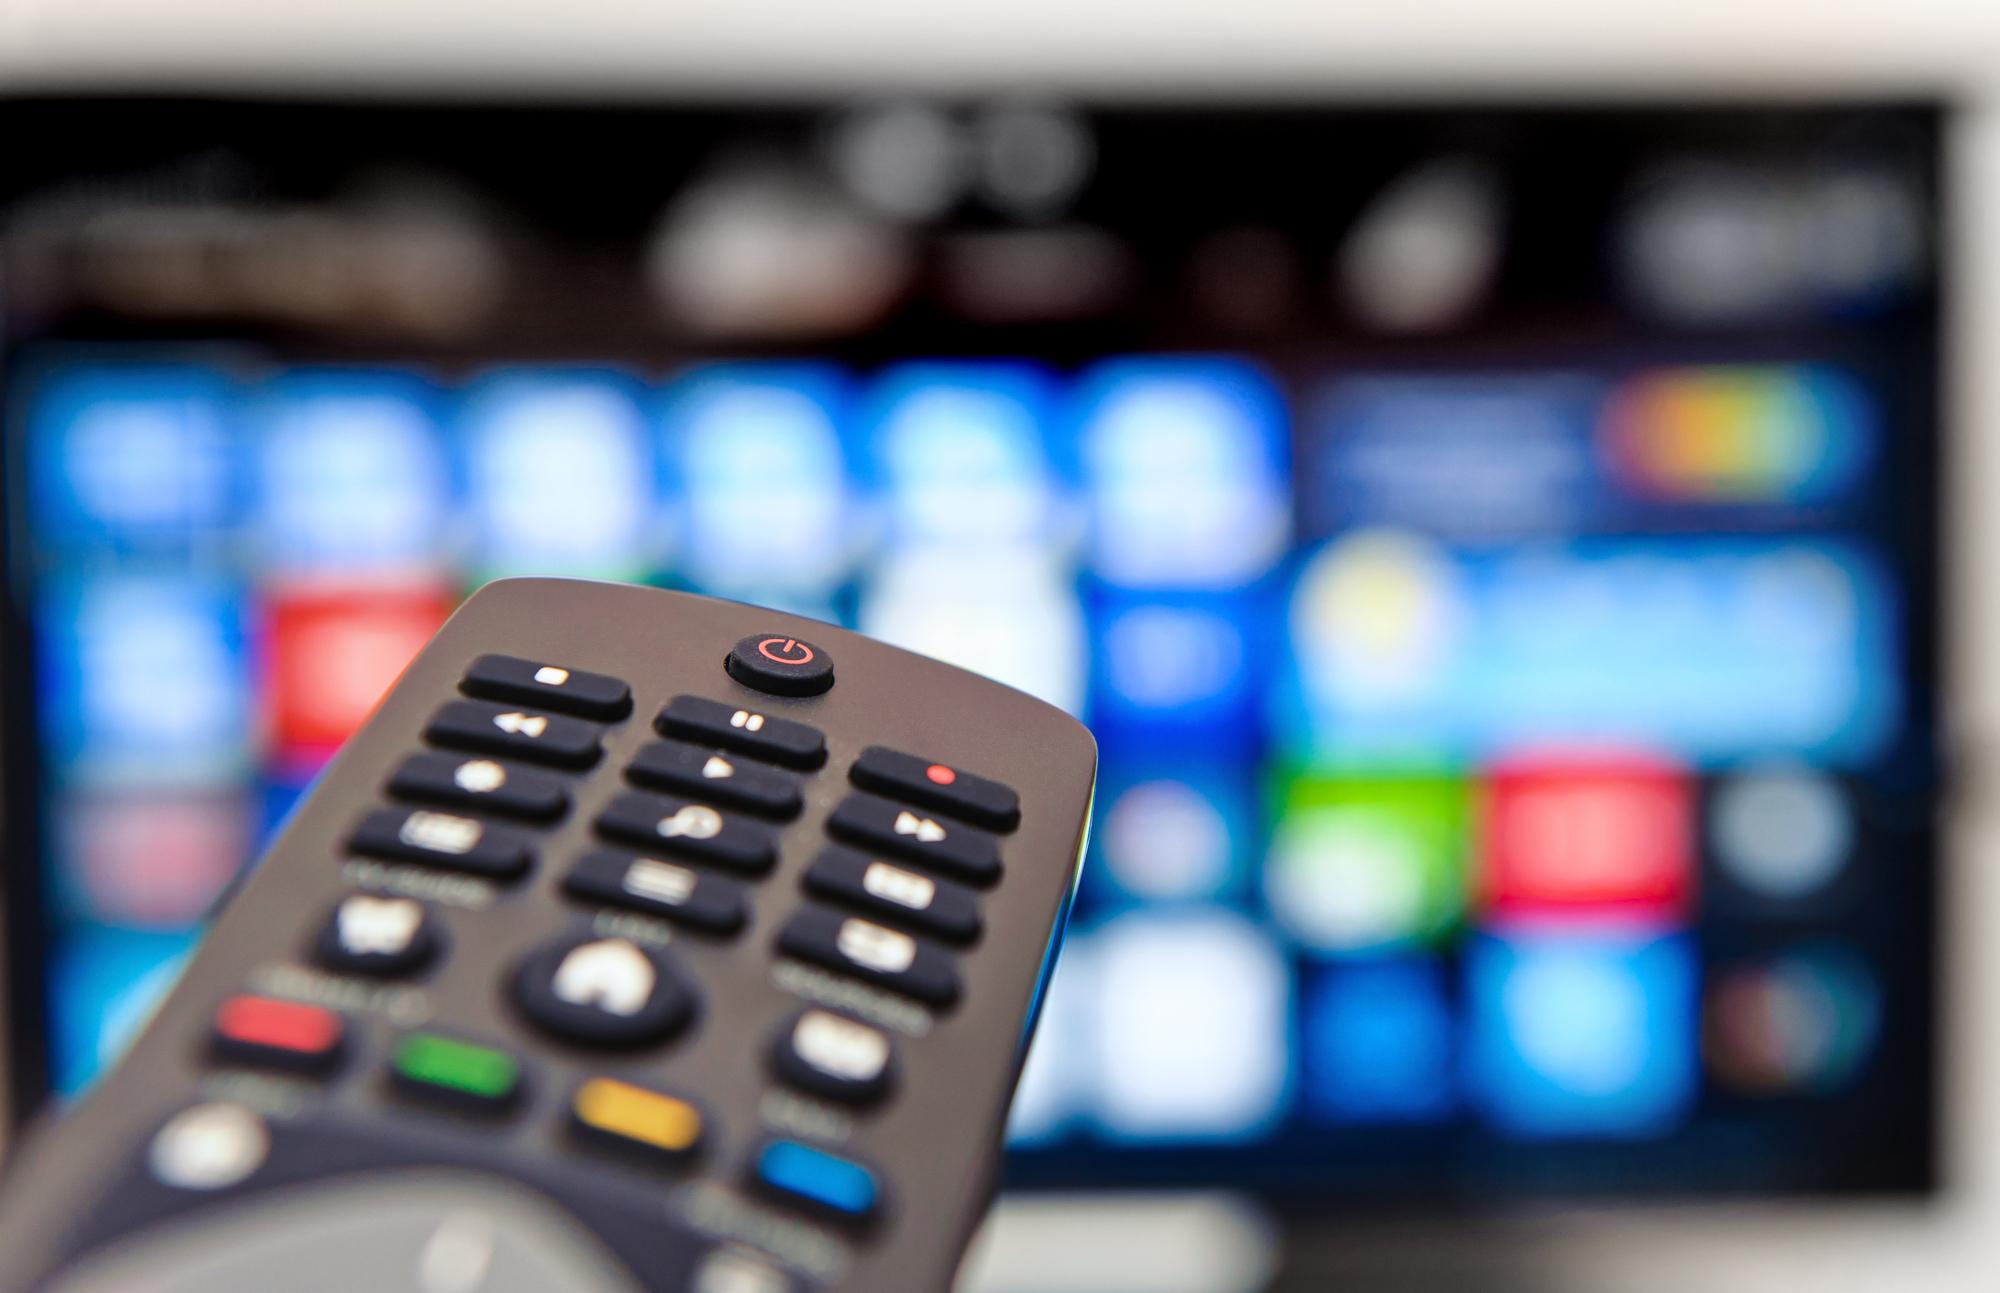 Всемирный день телевидения: интересные факты